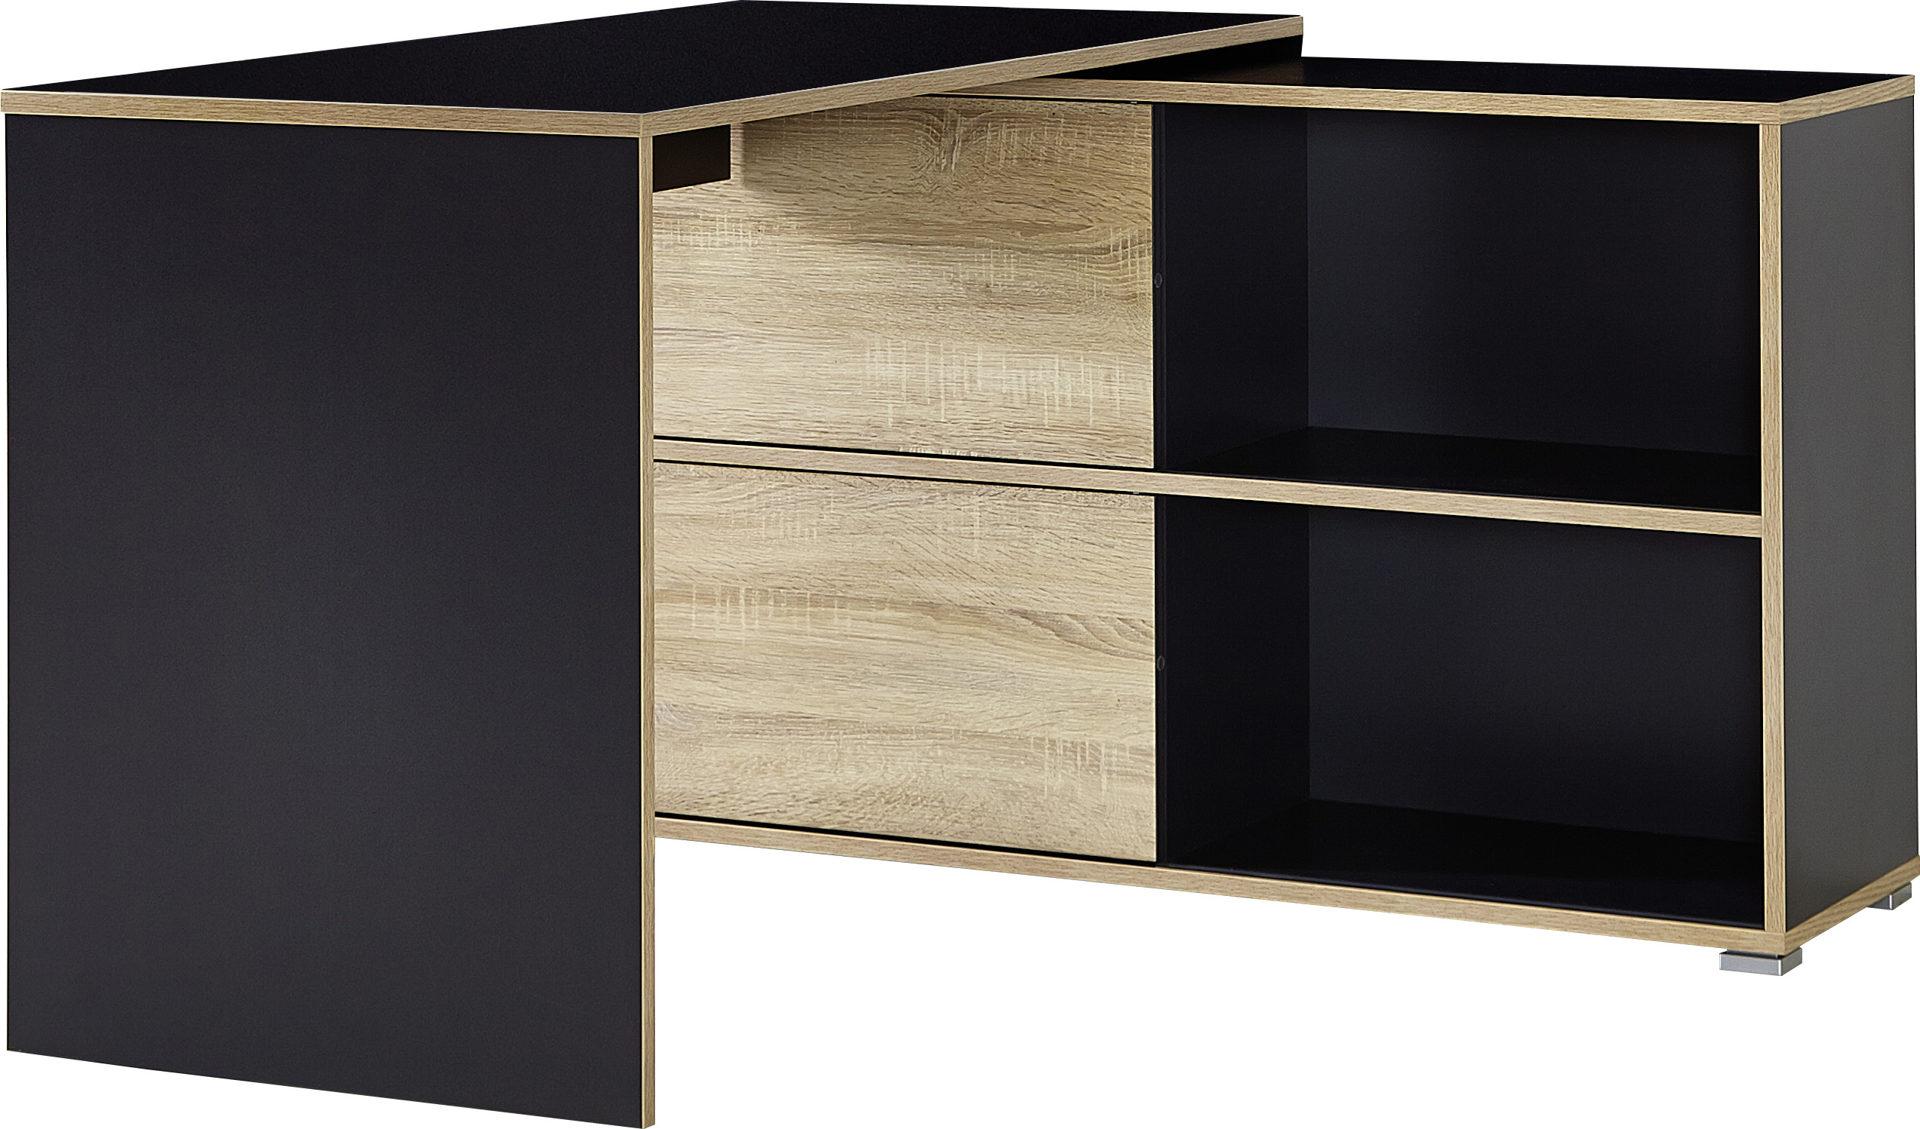 Schreibtisch-Kombination Slide bzw. Büromöbel , anthrazitfarbene ...